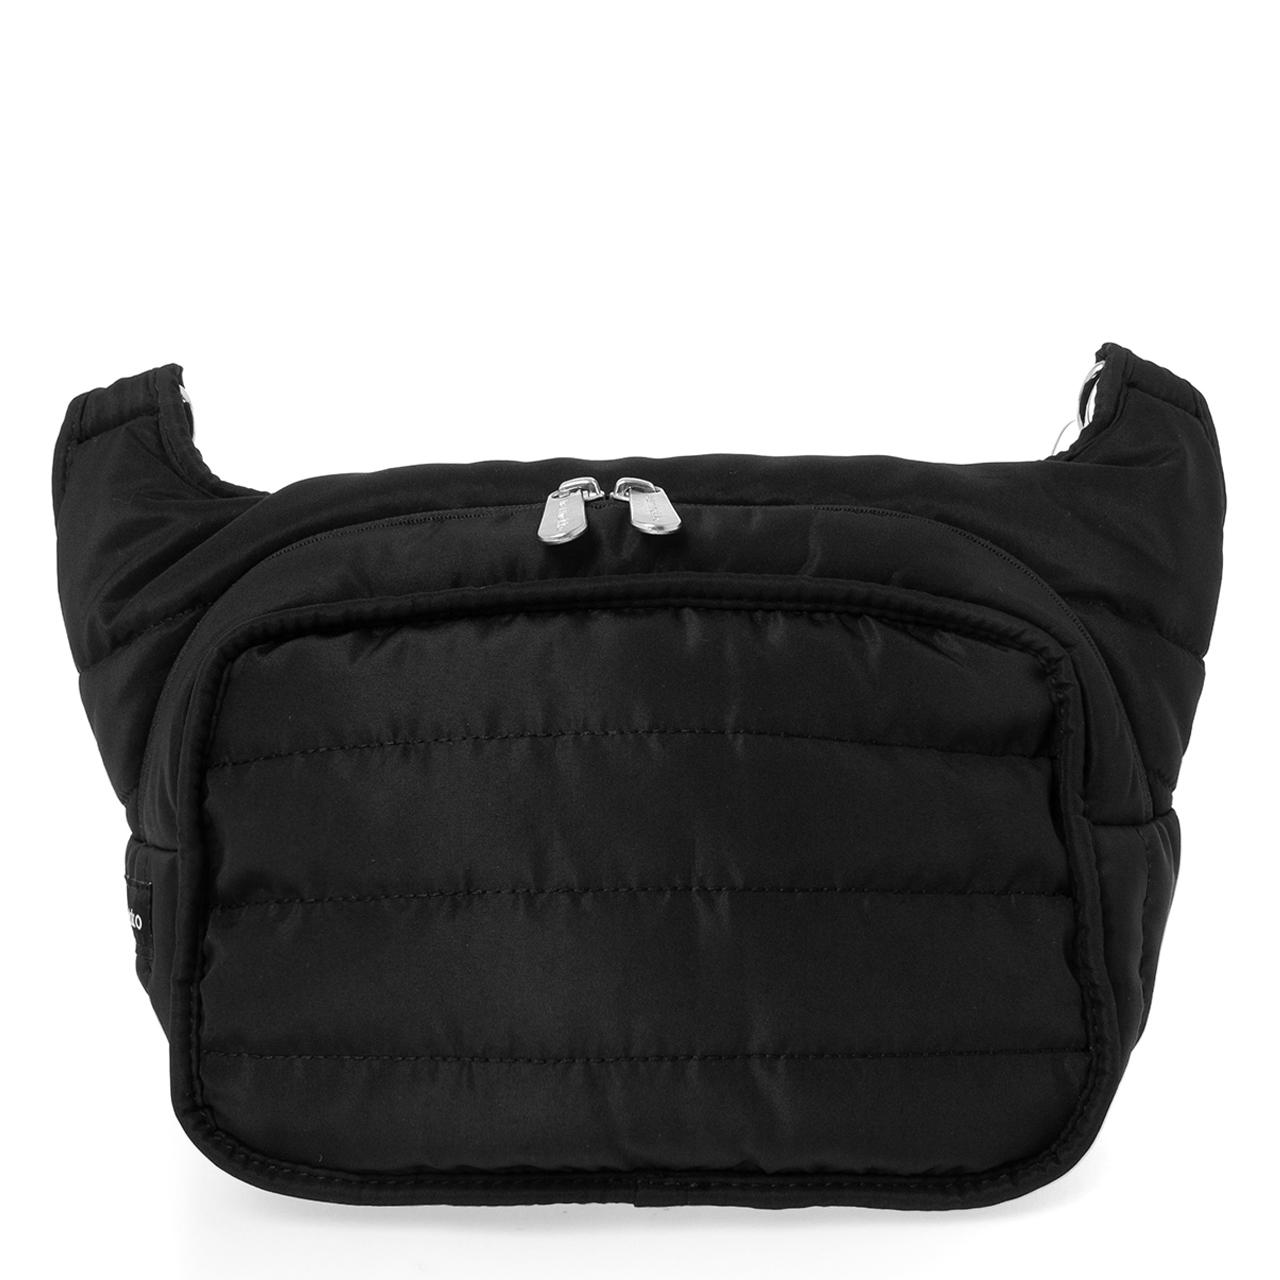 マリメッコ バッグ MARIMEKKO バッグ レディース ショルダーバッグ ブラック ブラック 009 黒 BILLIE BAG 045494 009 BLACK, ニラヤマチョウ:6f4c9d1d --- m.vacuvin.hu